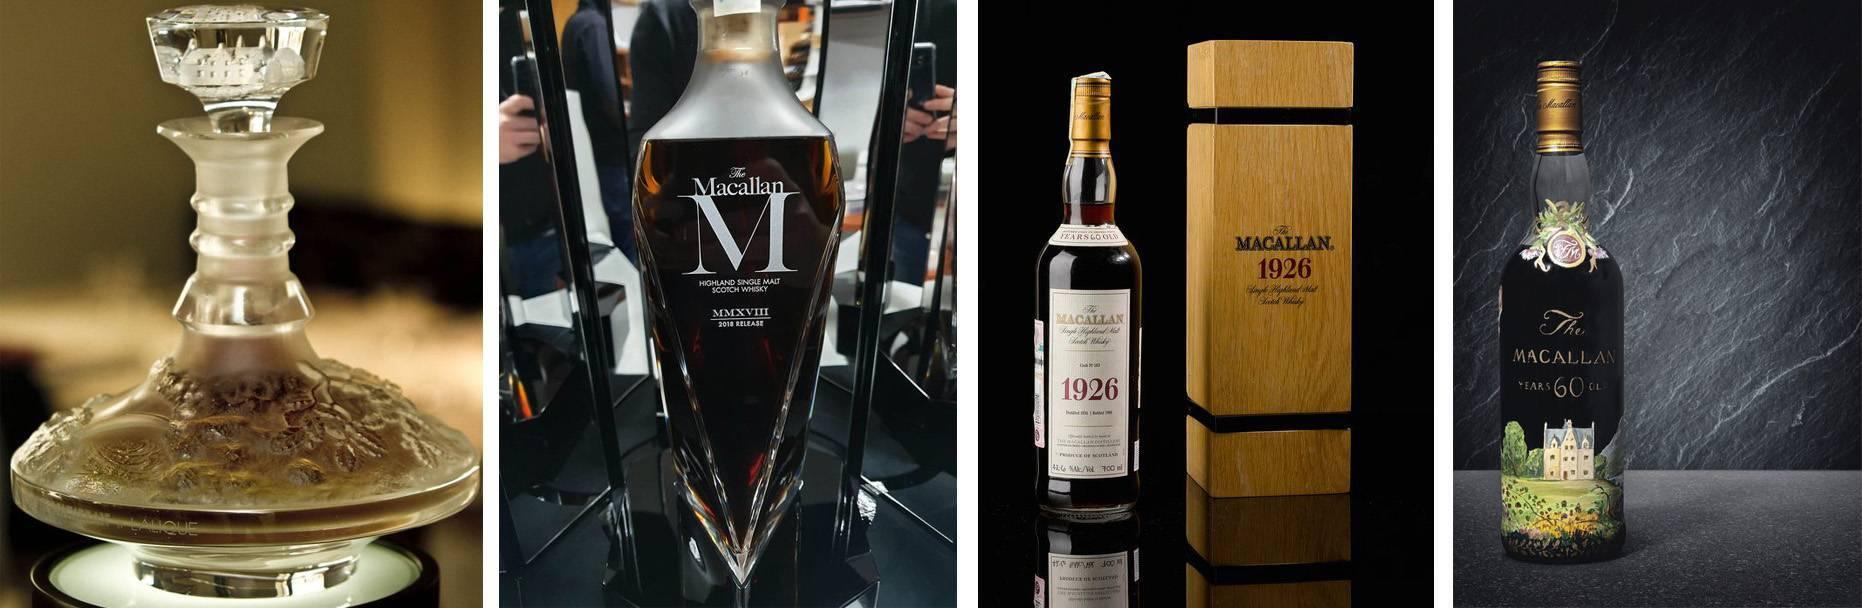 Рейтинг дорогих и элитных виски